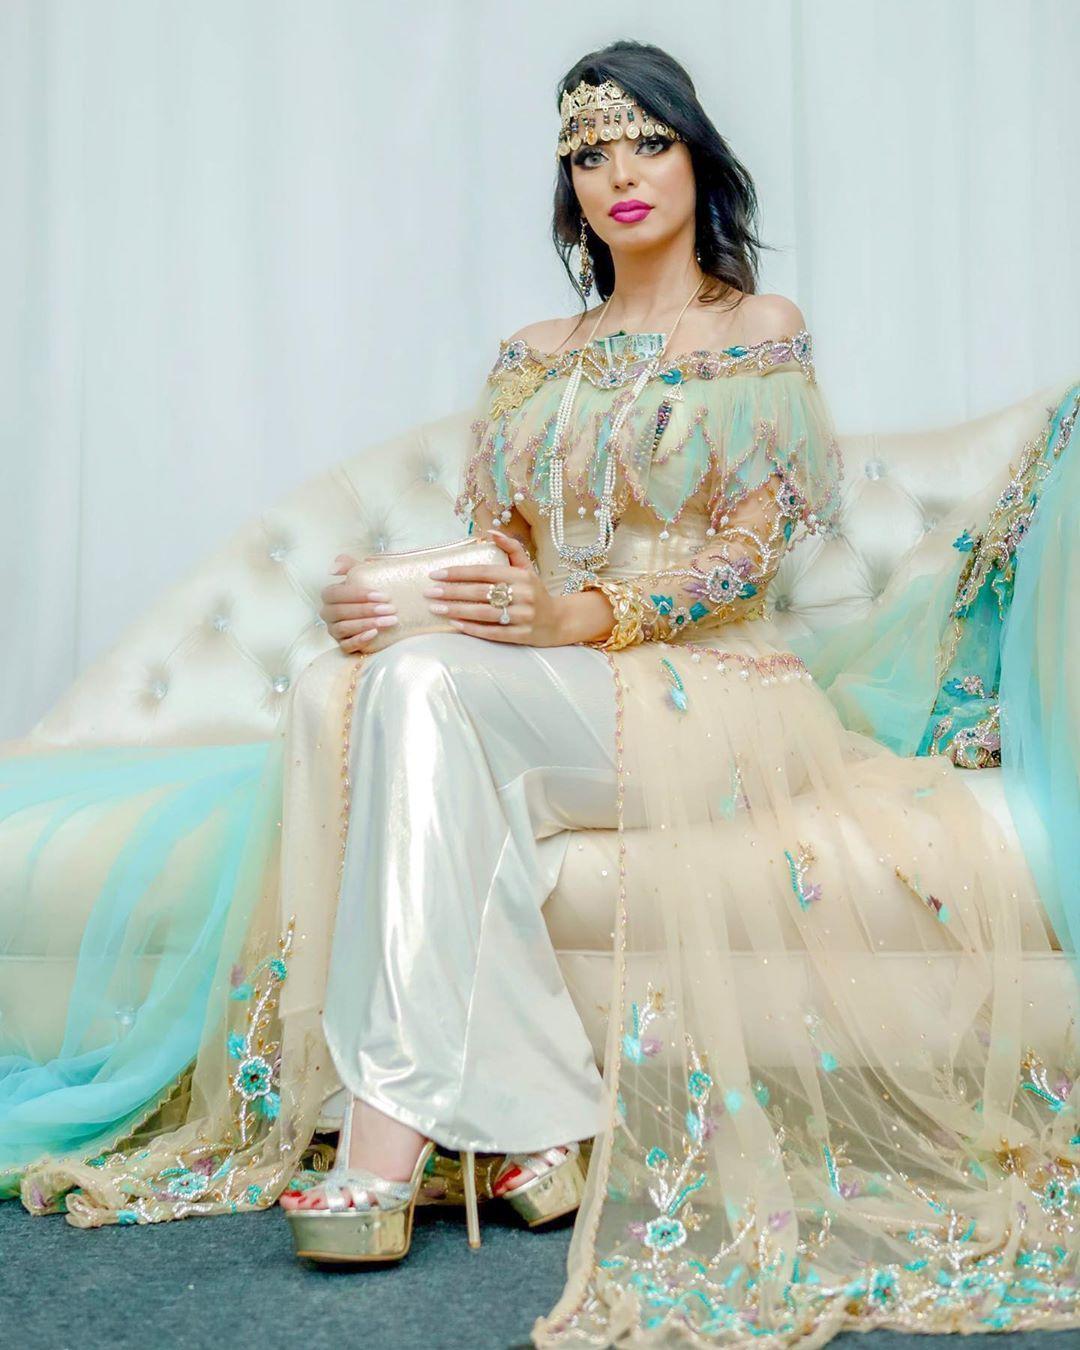 Belkisse Turqui بلقيس تركي On Instagram النايلي شفتها أسبوع قبل عرسي خلال عرض أزياء المصممة الجزائرية محاسن عج Party Wear Dresses Traditional Dresses Dresses